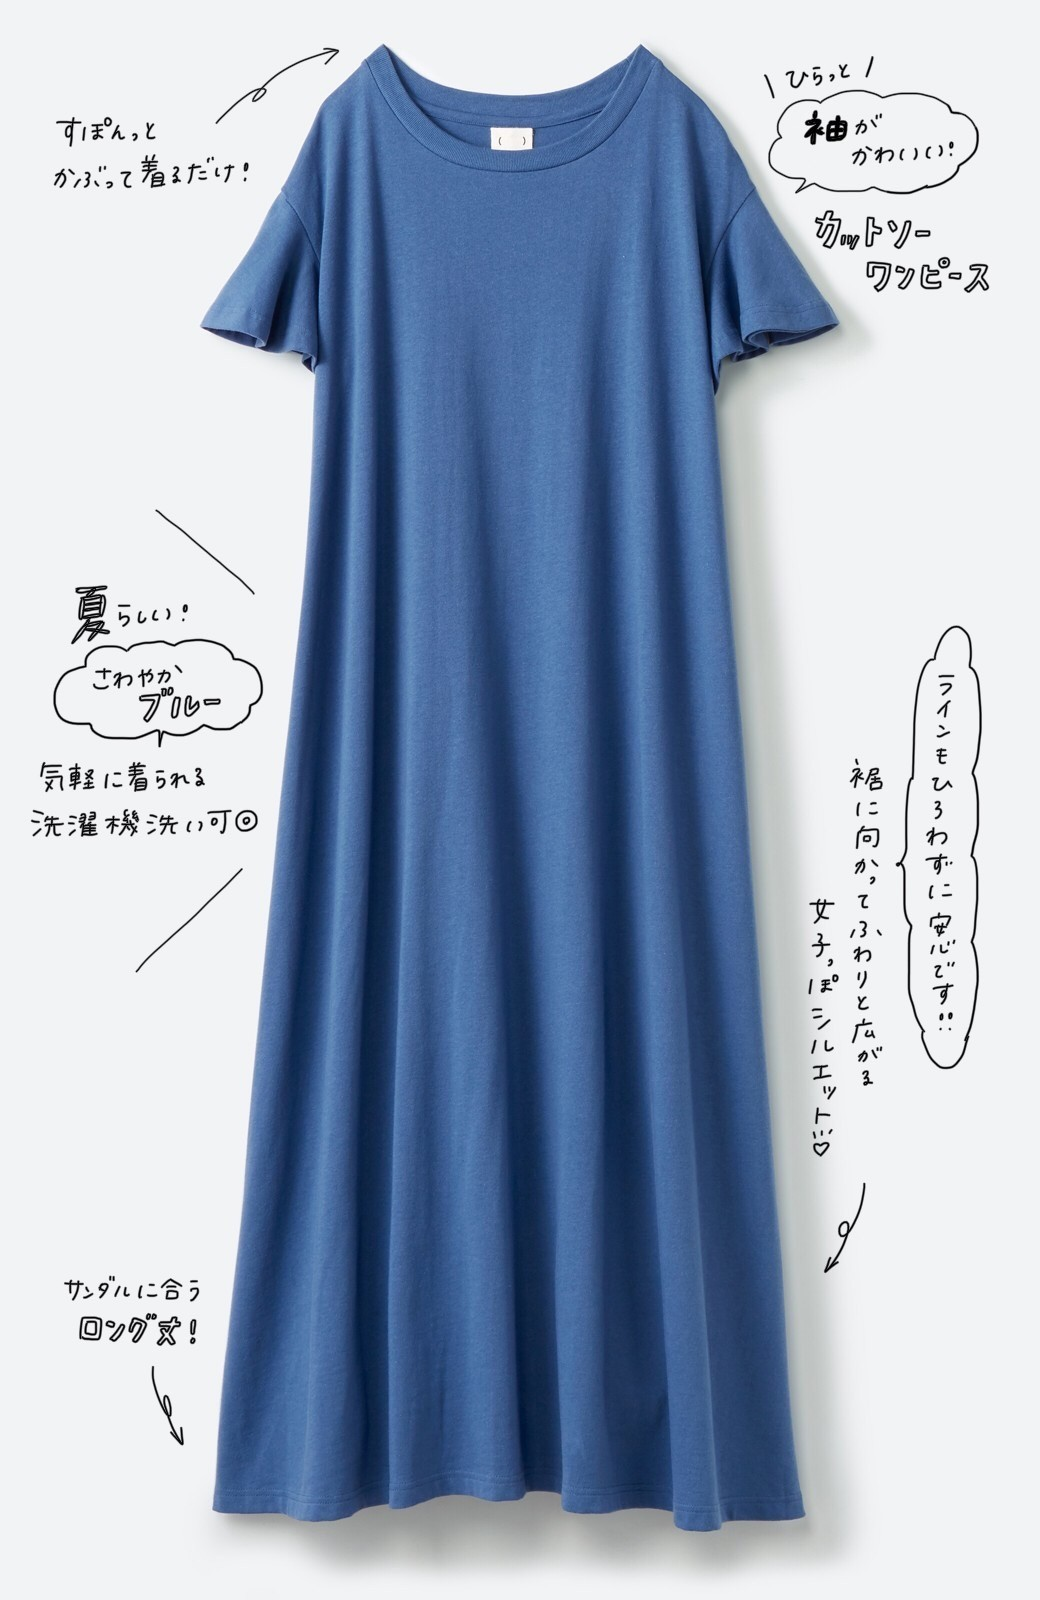 haco! 1枚で完璧シルエット!ひらりと揺れる袖がかわいい楽ちんカットソーワンピース <ブルー>の商品写真2